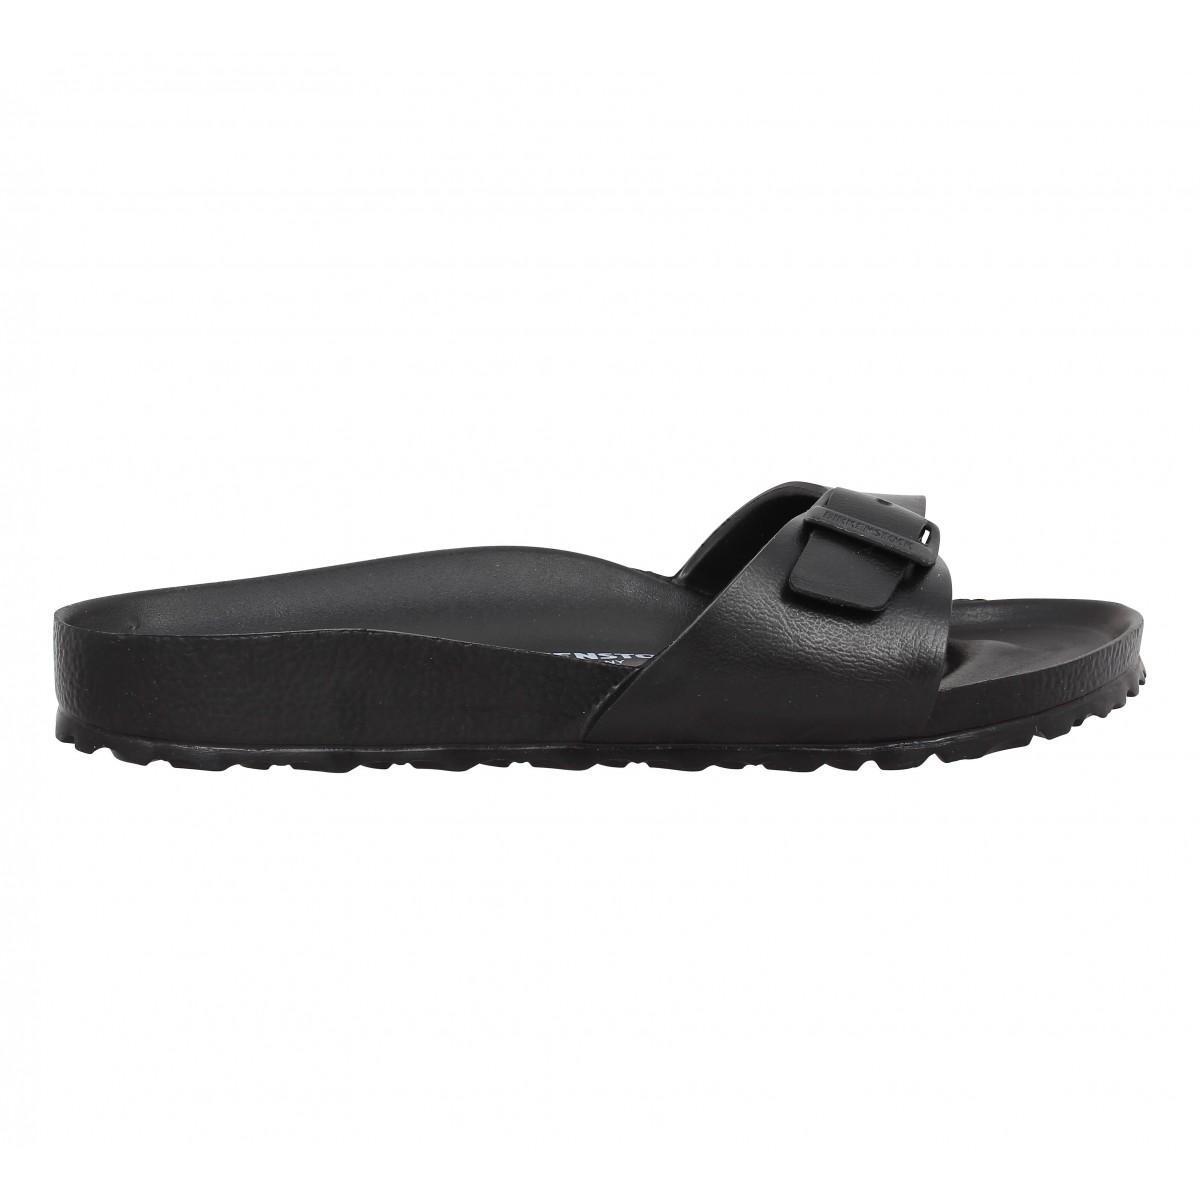 soldes birkenstock madrid eva noir femme fanny chaussures. Black Bedroom Furniture Sets. Home Design Ideas